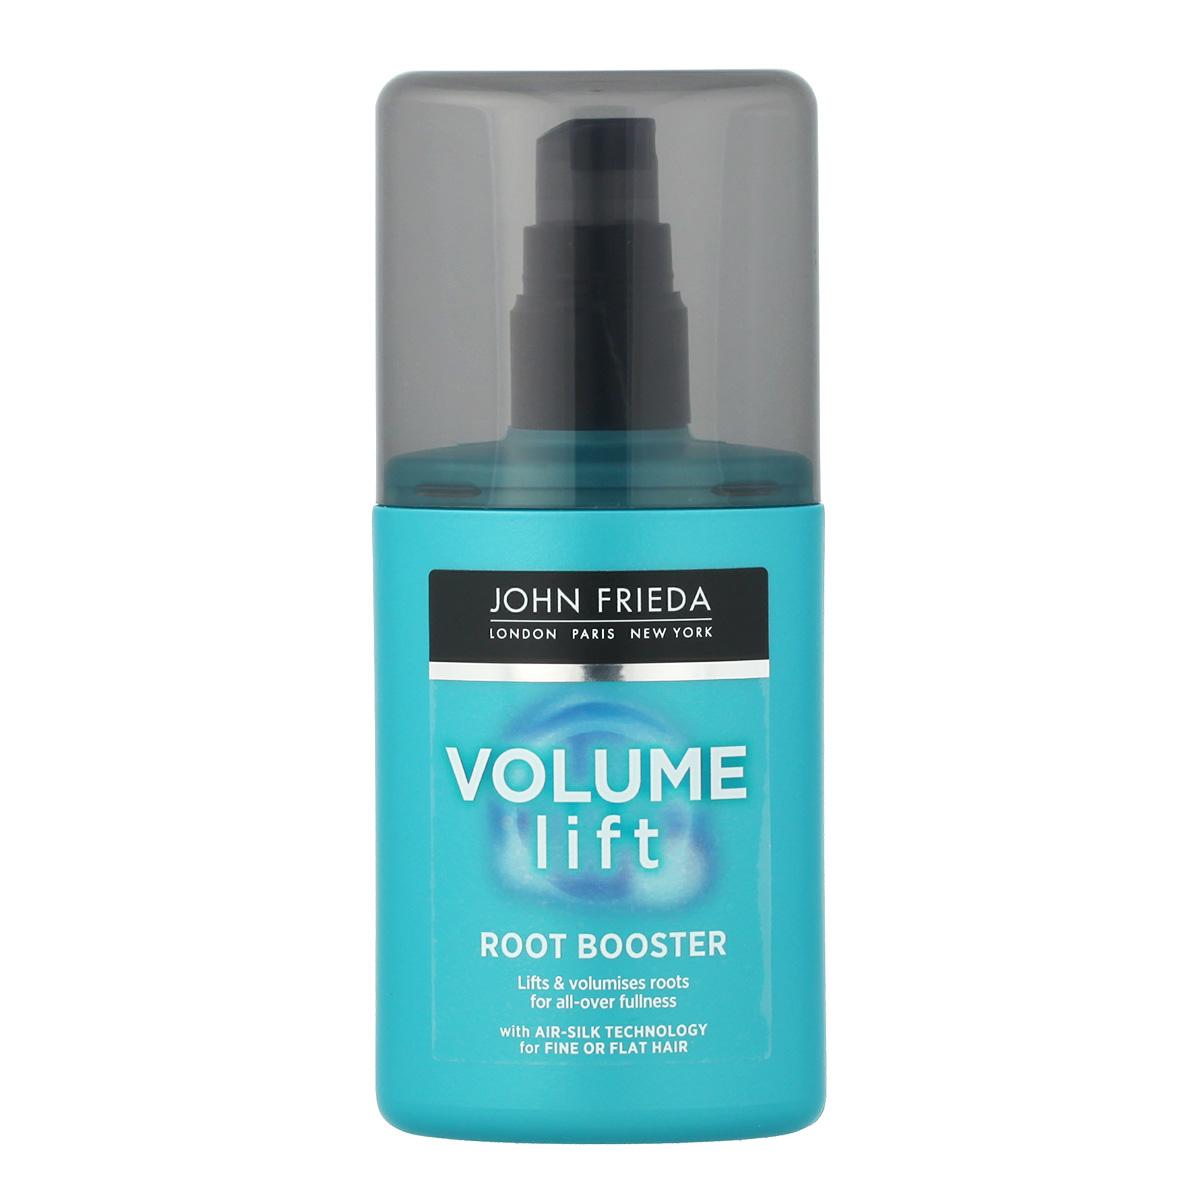 John Frieda Volume Lift Root Booster 125 ml 132299